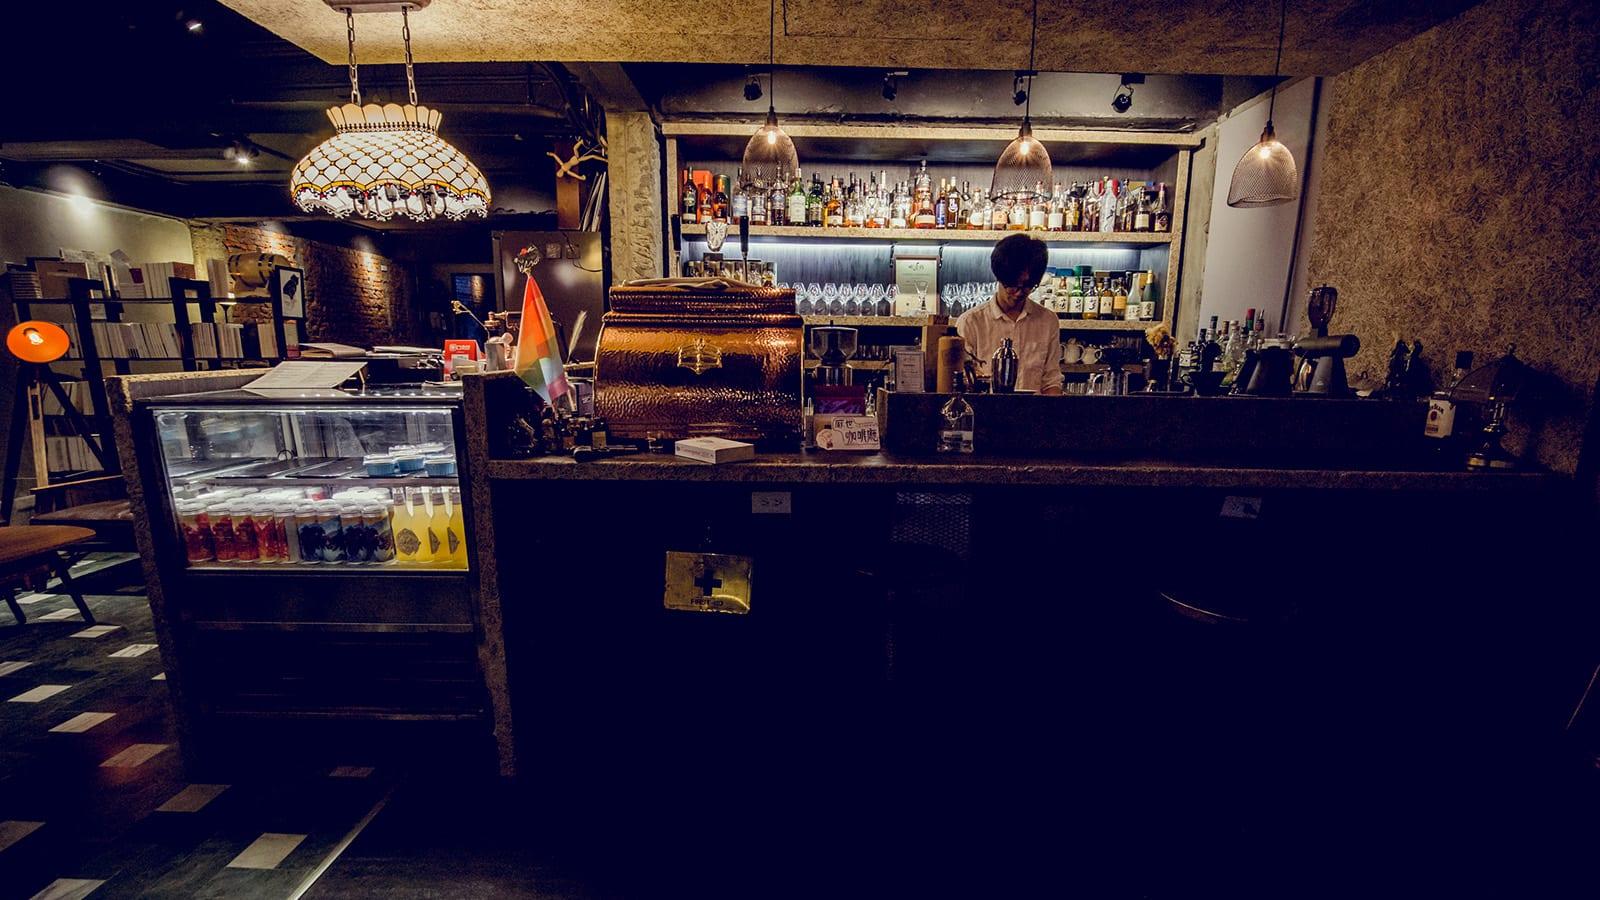 في تايوان.. حانة مخصصة للأشخاص الذين يرغبون بأخذ قسط من الراحة من البشرية